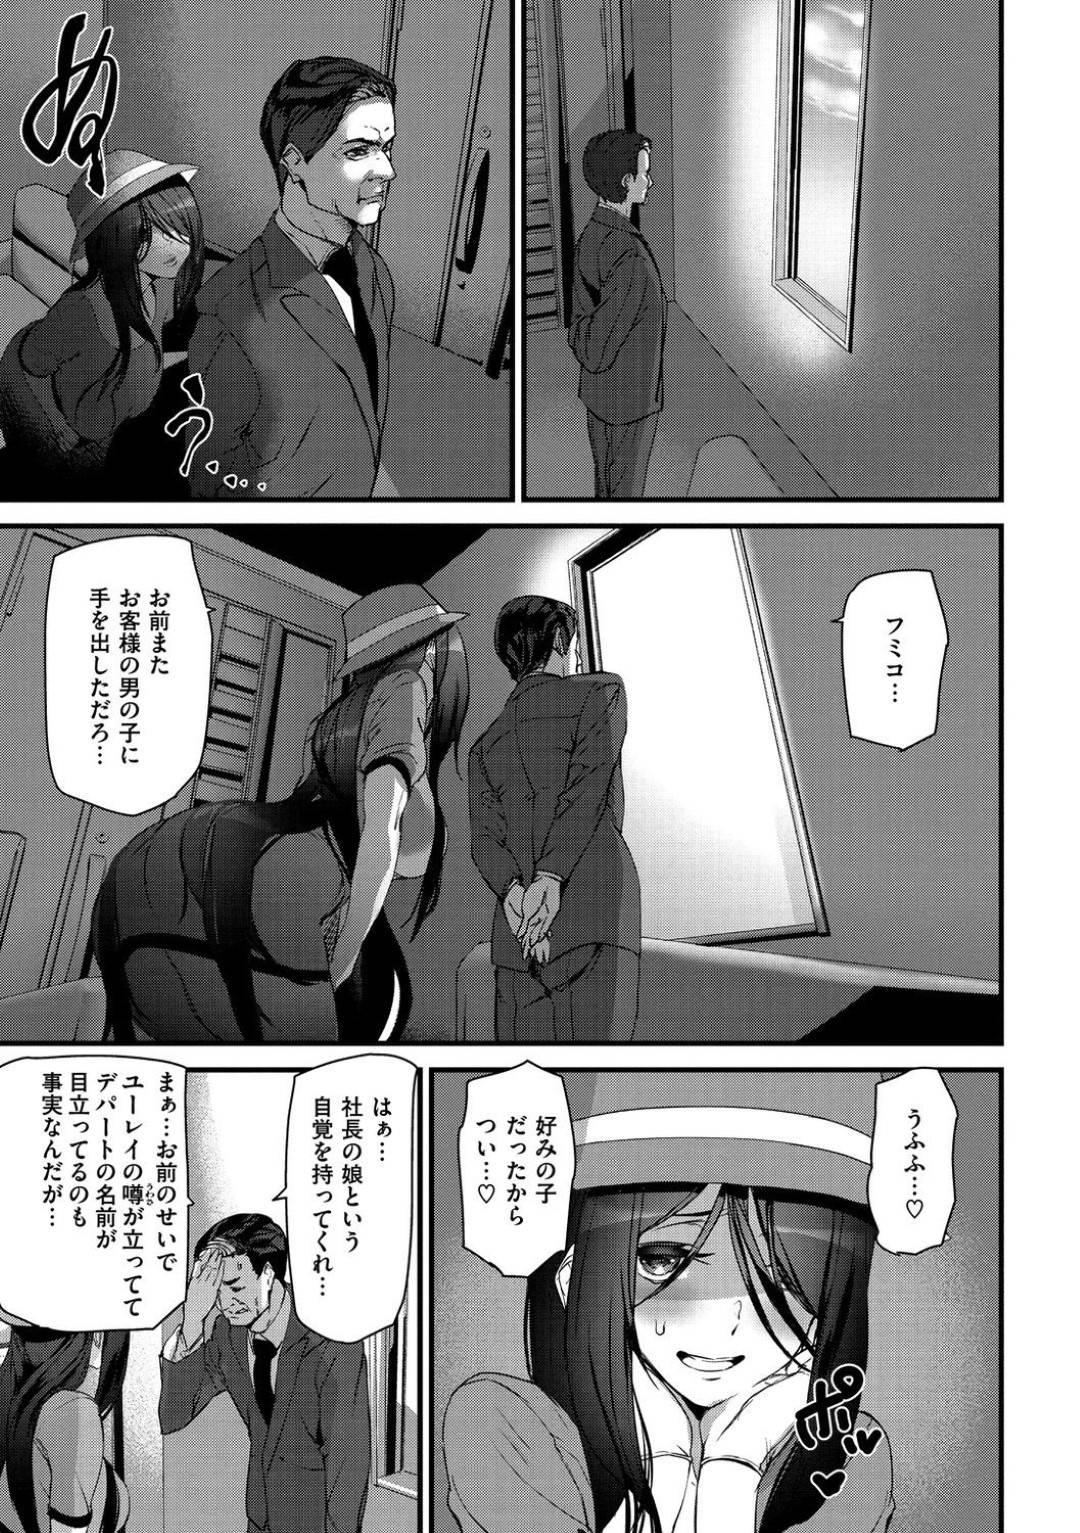 エレベーターに出現する幽霊お姉さん…幽霊の噂を聞いたショタは、一緒に乗ってるお姉さんが幽霊だと感じ恐怖を覚える。離れようとするもおっぱいを顔面に押し付けられ、フェラをされると中出しセックスで逆レイプされる!【アシオミマサト:エレベーターinヘブン】